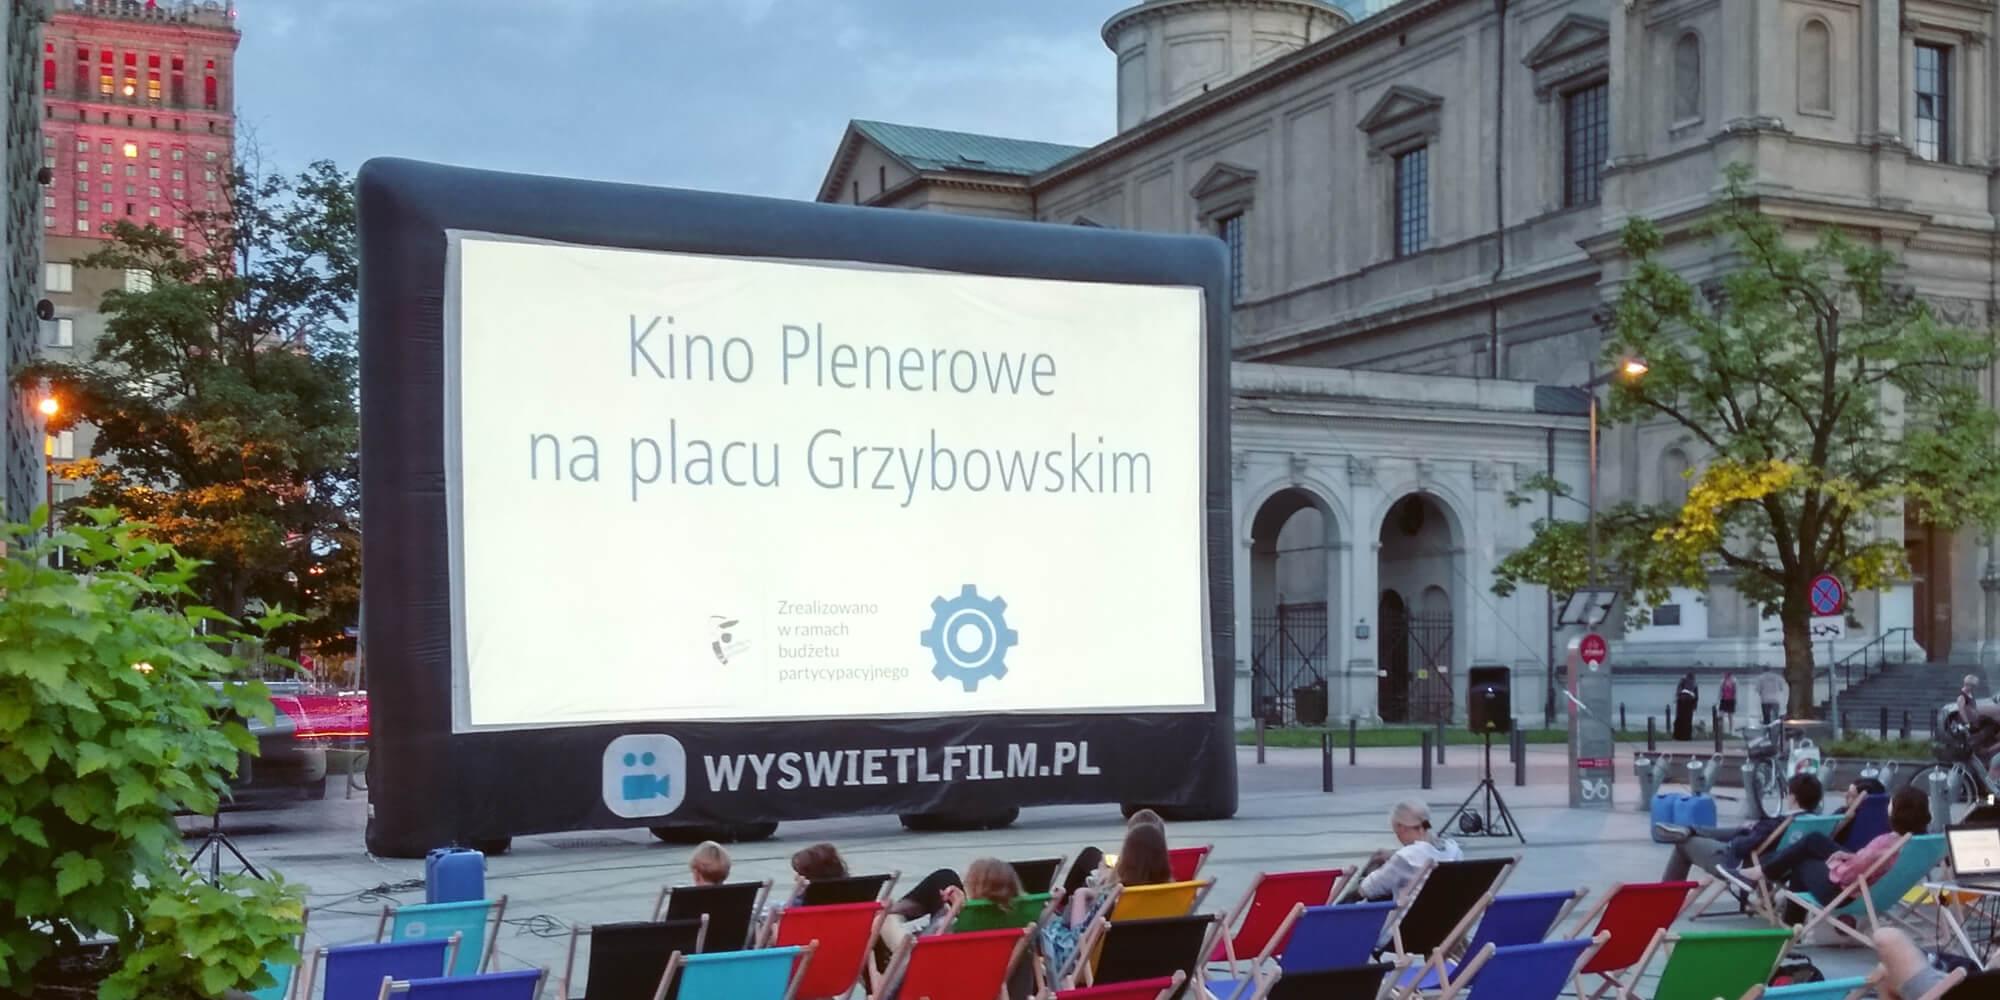 Kino plenerowe w mieście Warszawa na placu Grzybowskim